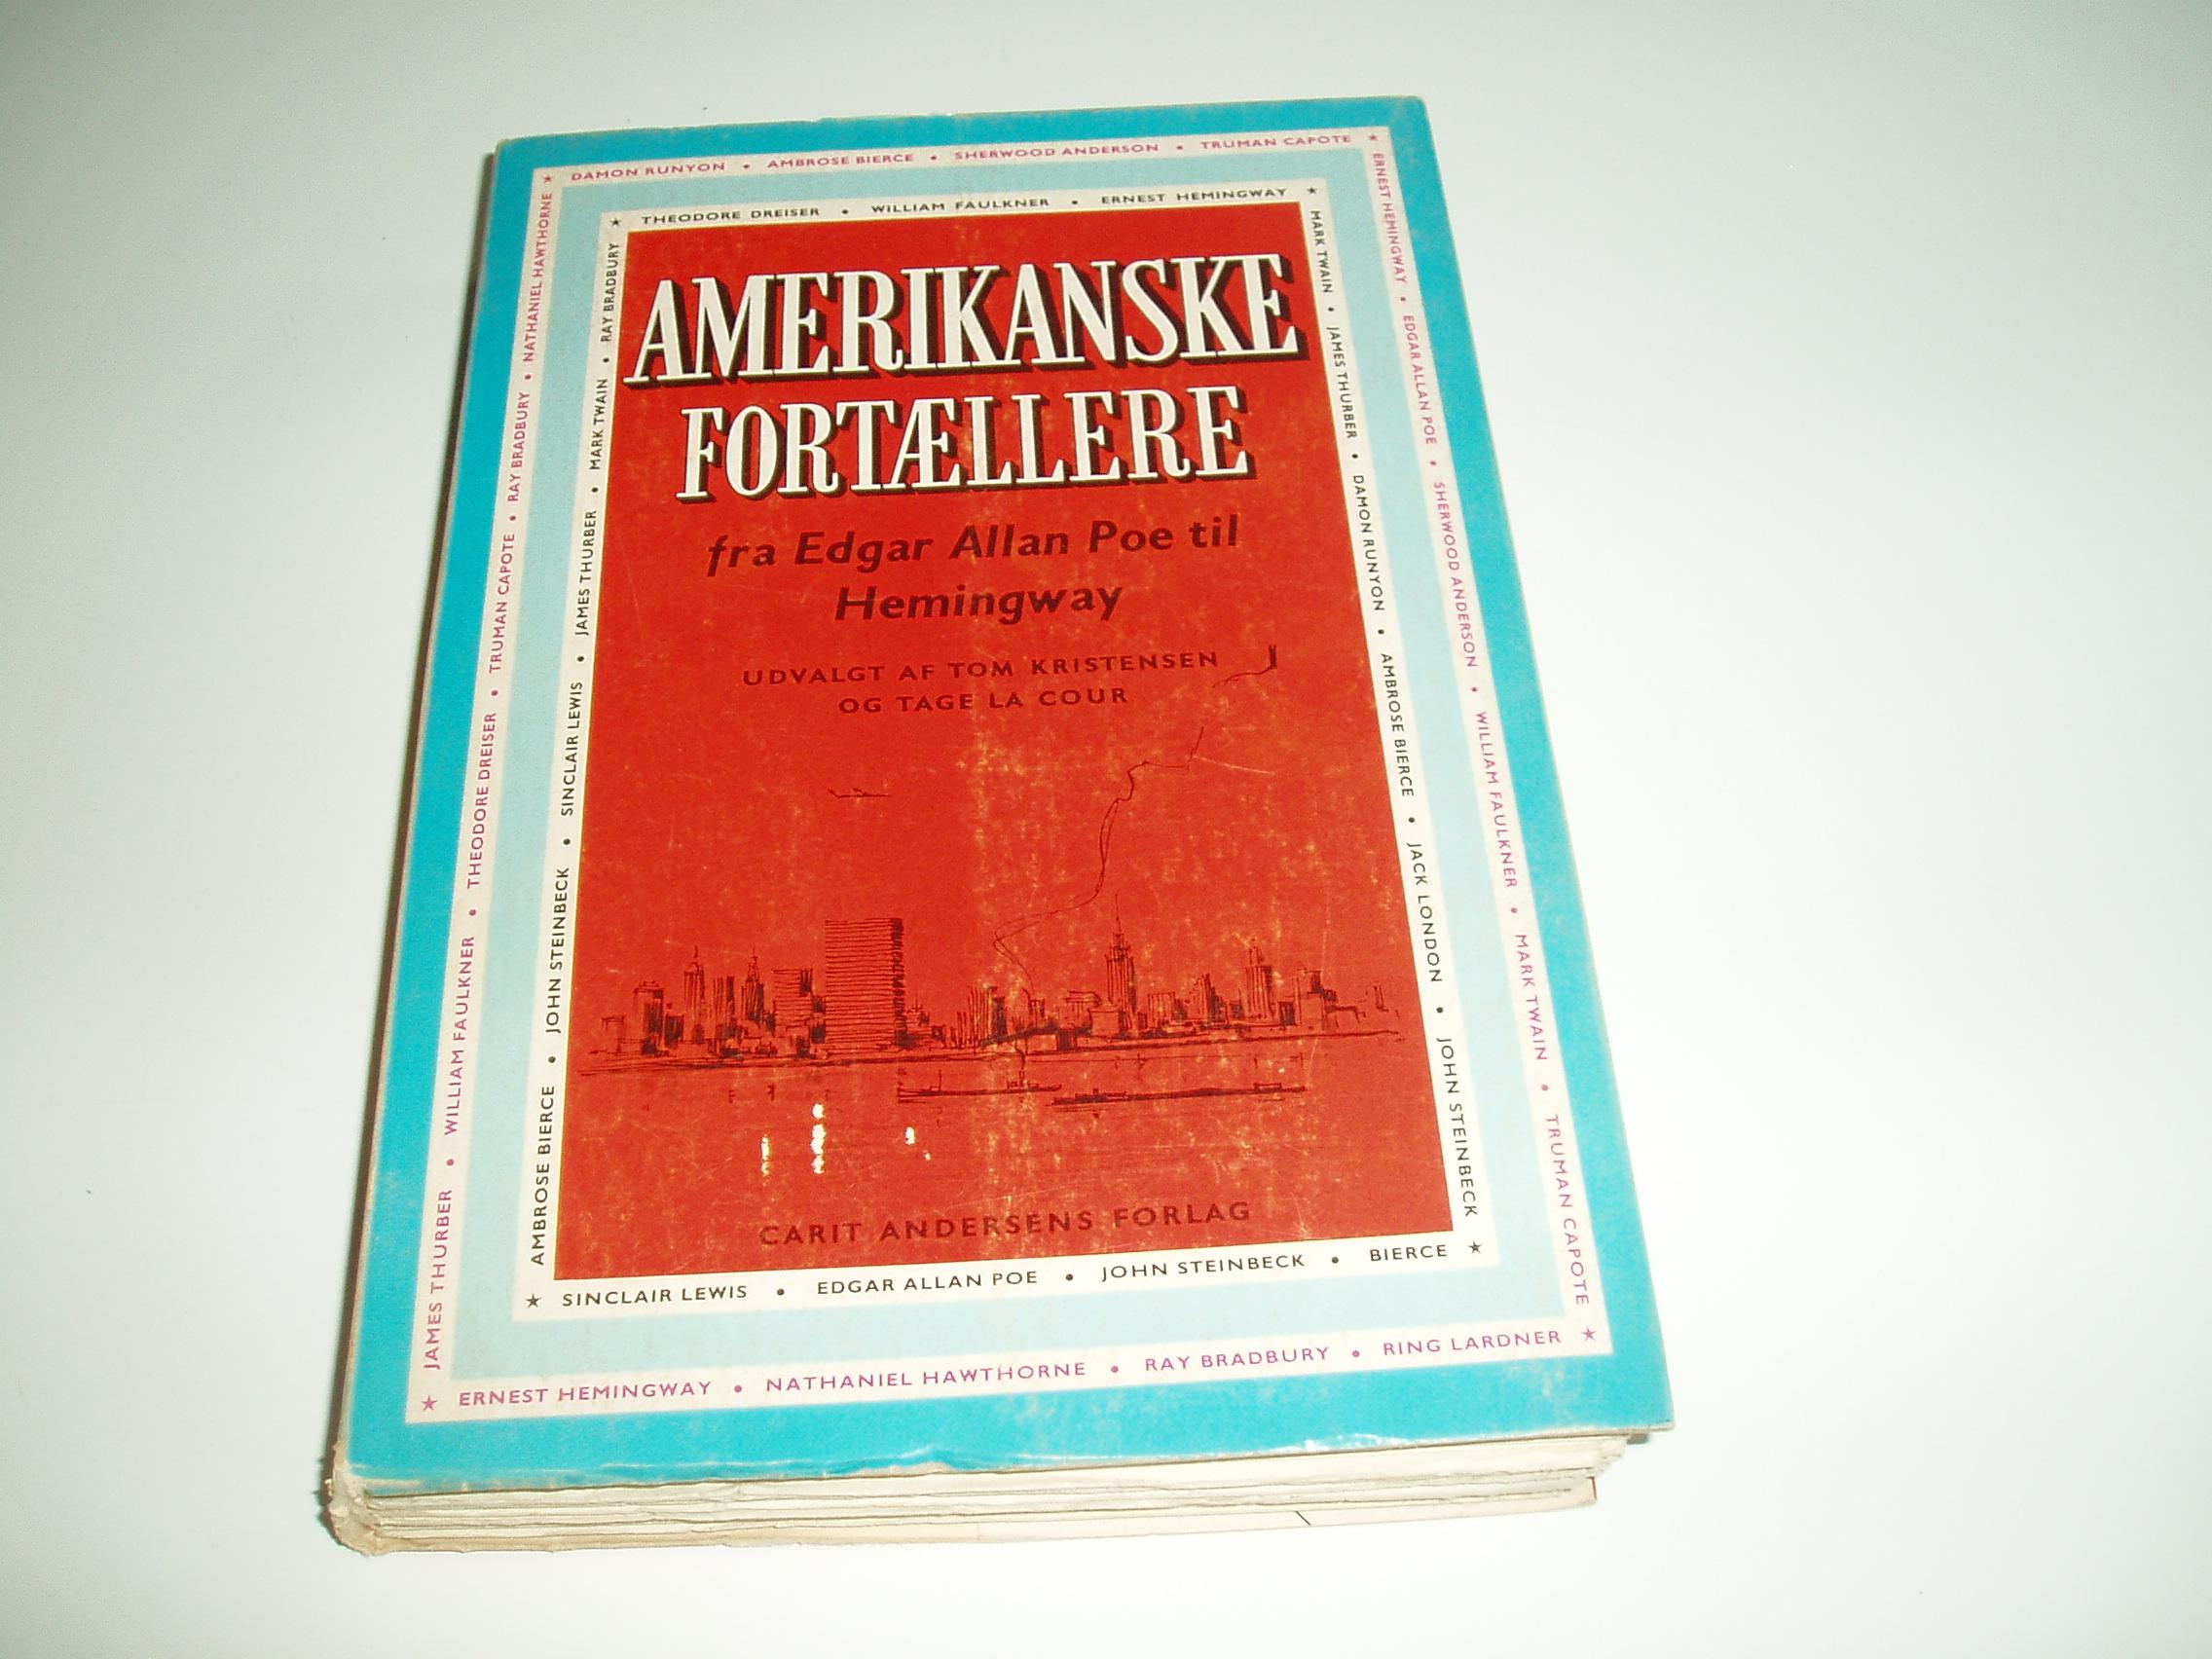 Amerikanske fortællere fra Edgar Allan Poe til Hemingway. En Omn